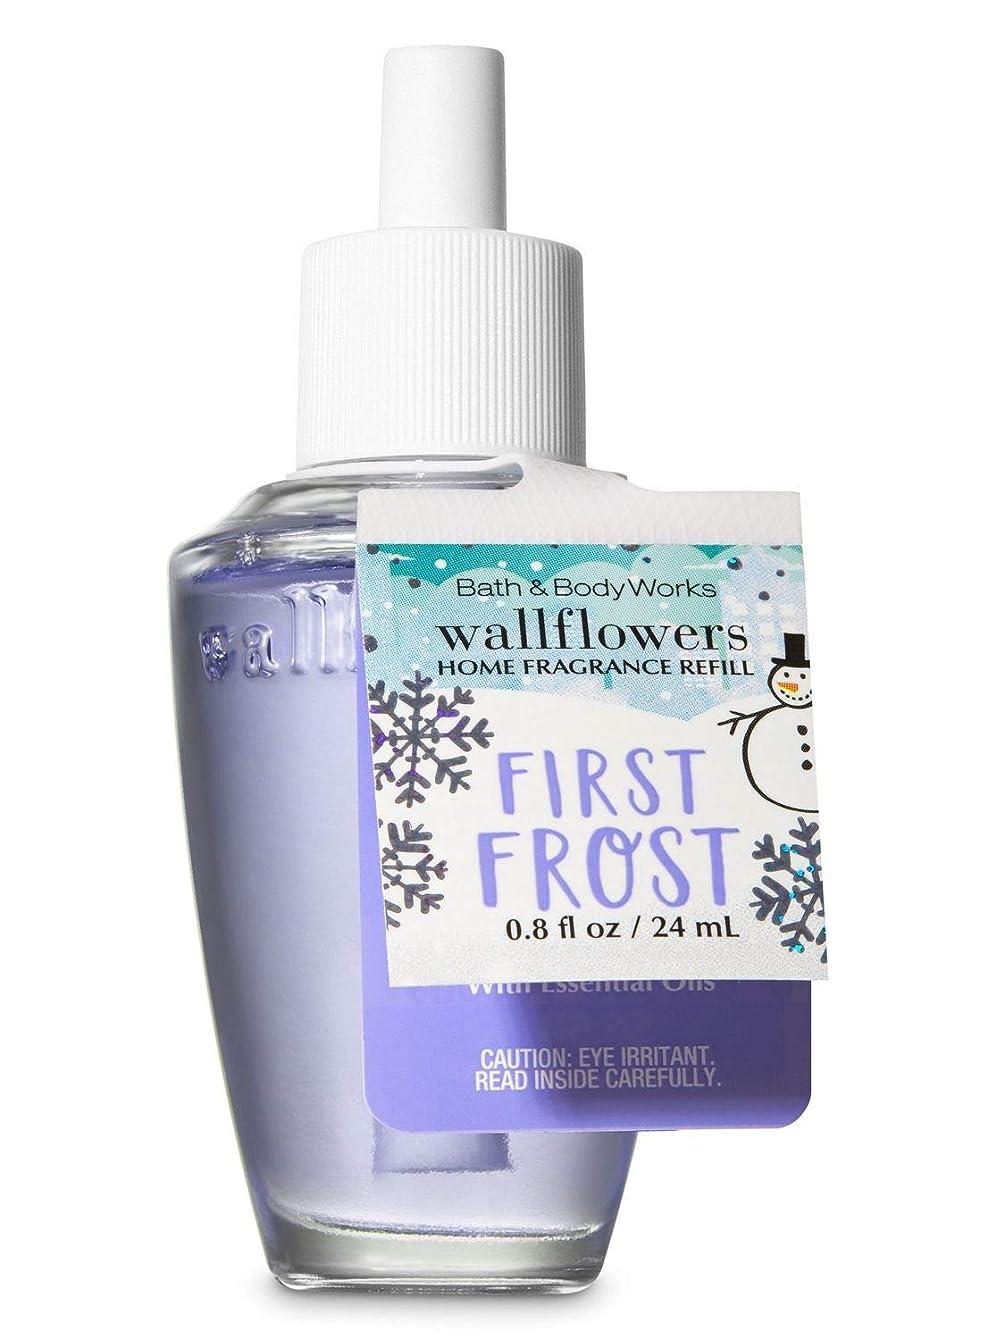 に向けて出発タックル器官【Bath&Body Works/バス&ボディワークス】 ルームフレグランス 詰替えリフィル ファーストフロスト Wallflowers Home Fragrance Refill First Frost [並行輸入品]